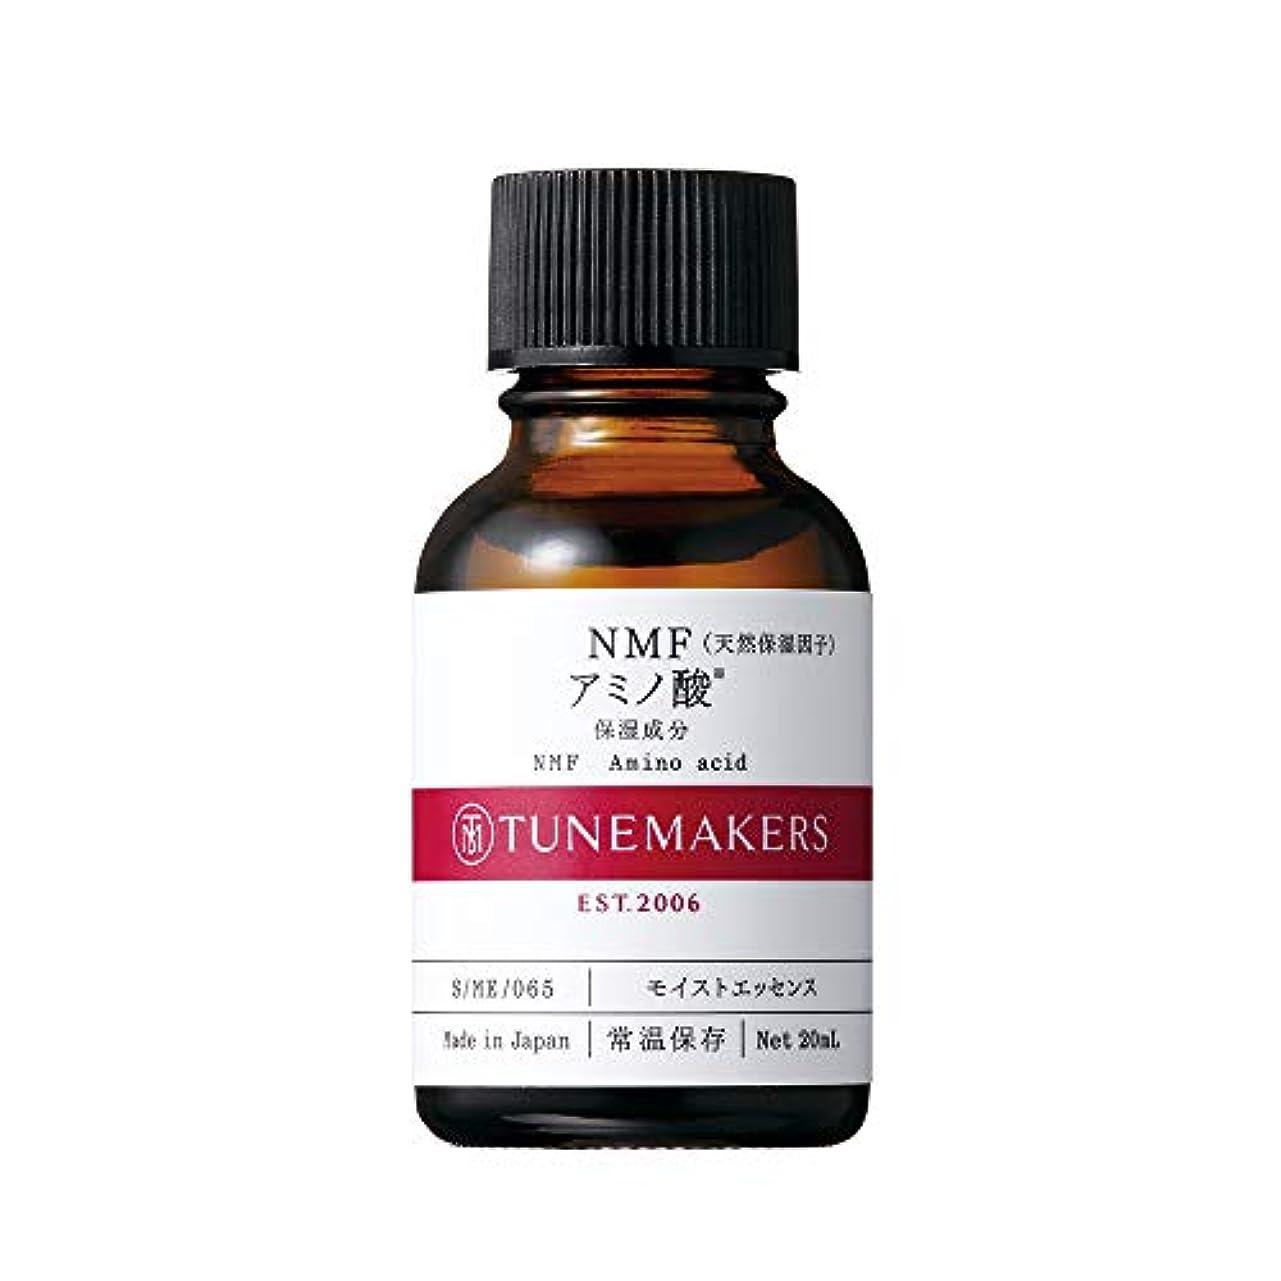 フラスコ移民サークルチューンメーカーズ NMF(天然保湿因子)アミノ酸 20ml 原液美容液